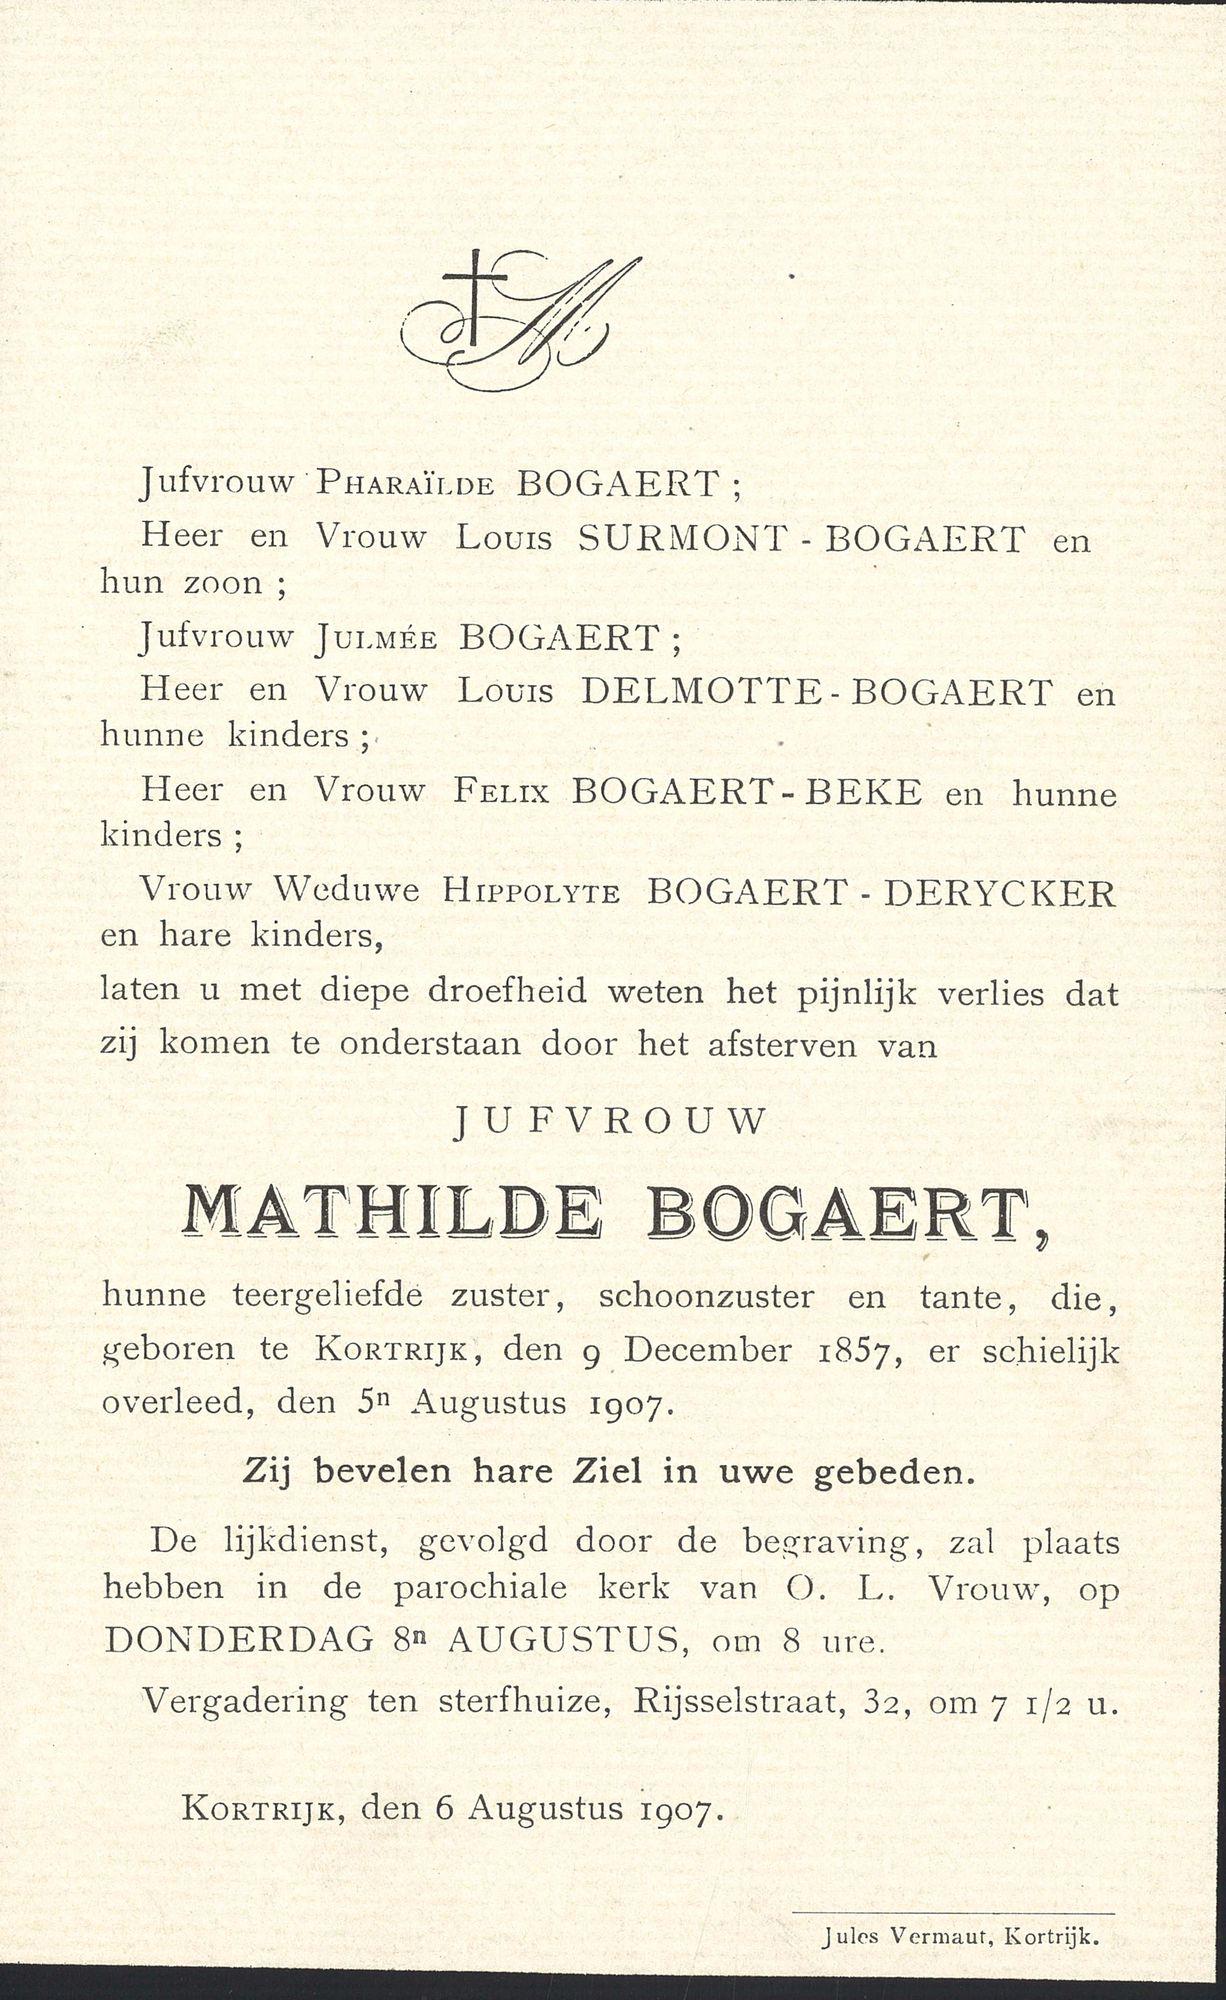 Mathilde Bogaert